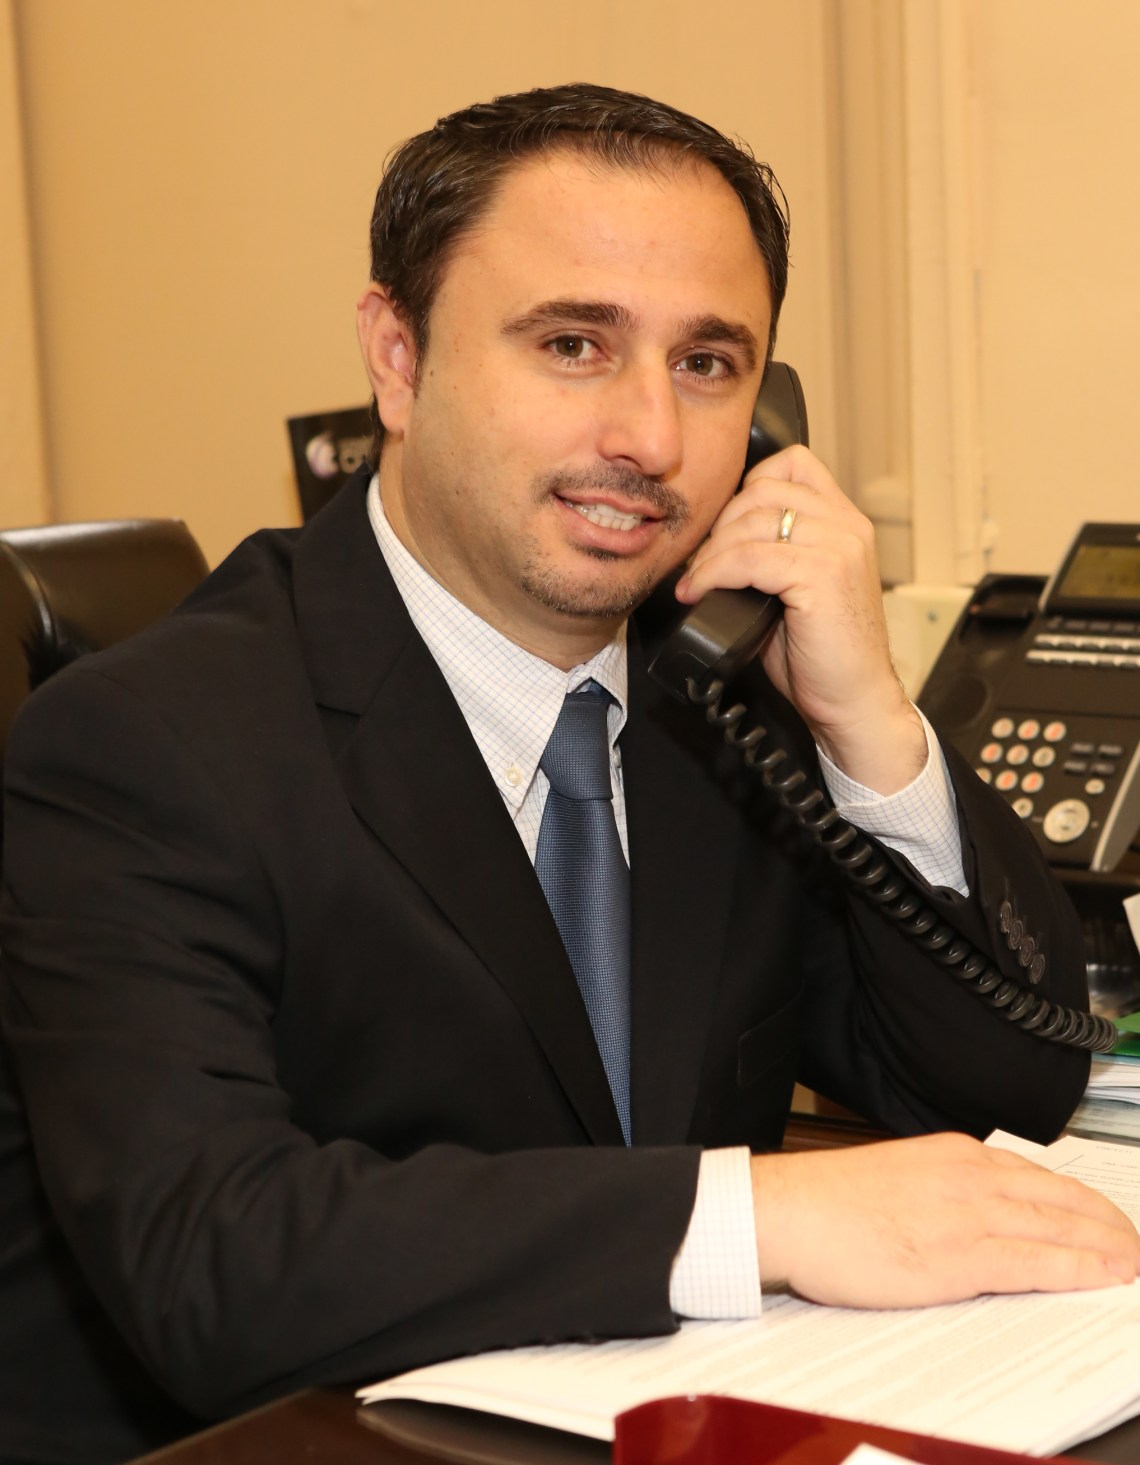 Robert Ciulla : Executive Director